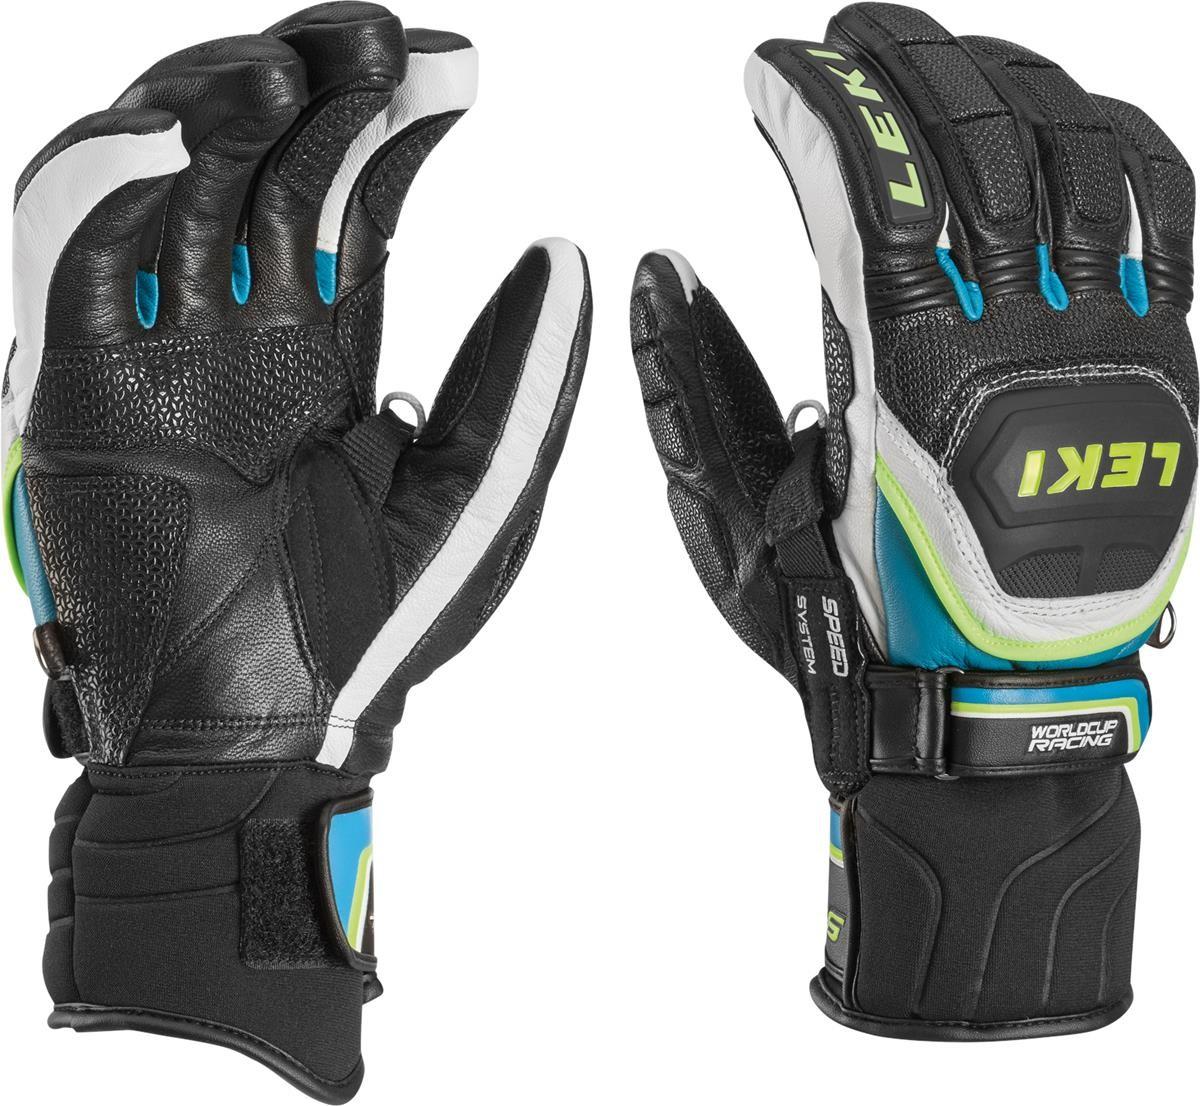 Zawodnicze rękawice narciarskie z ochraniaczami Leki WCR Flex